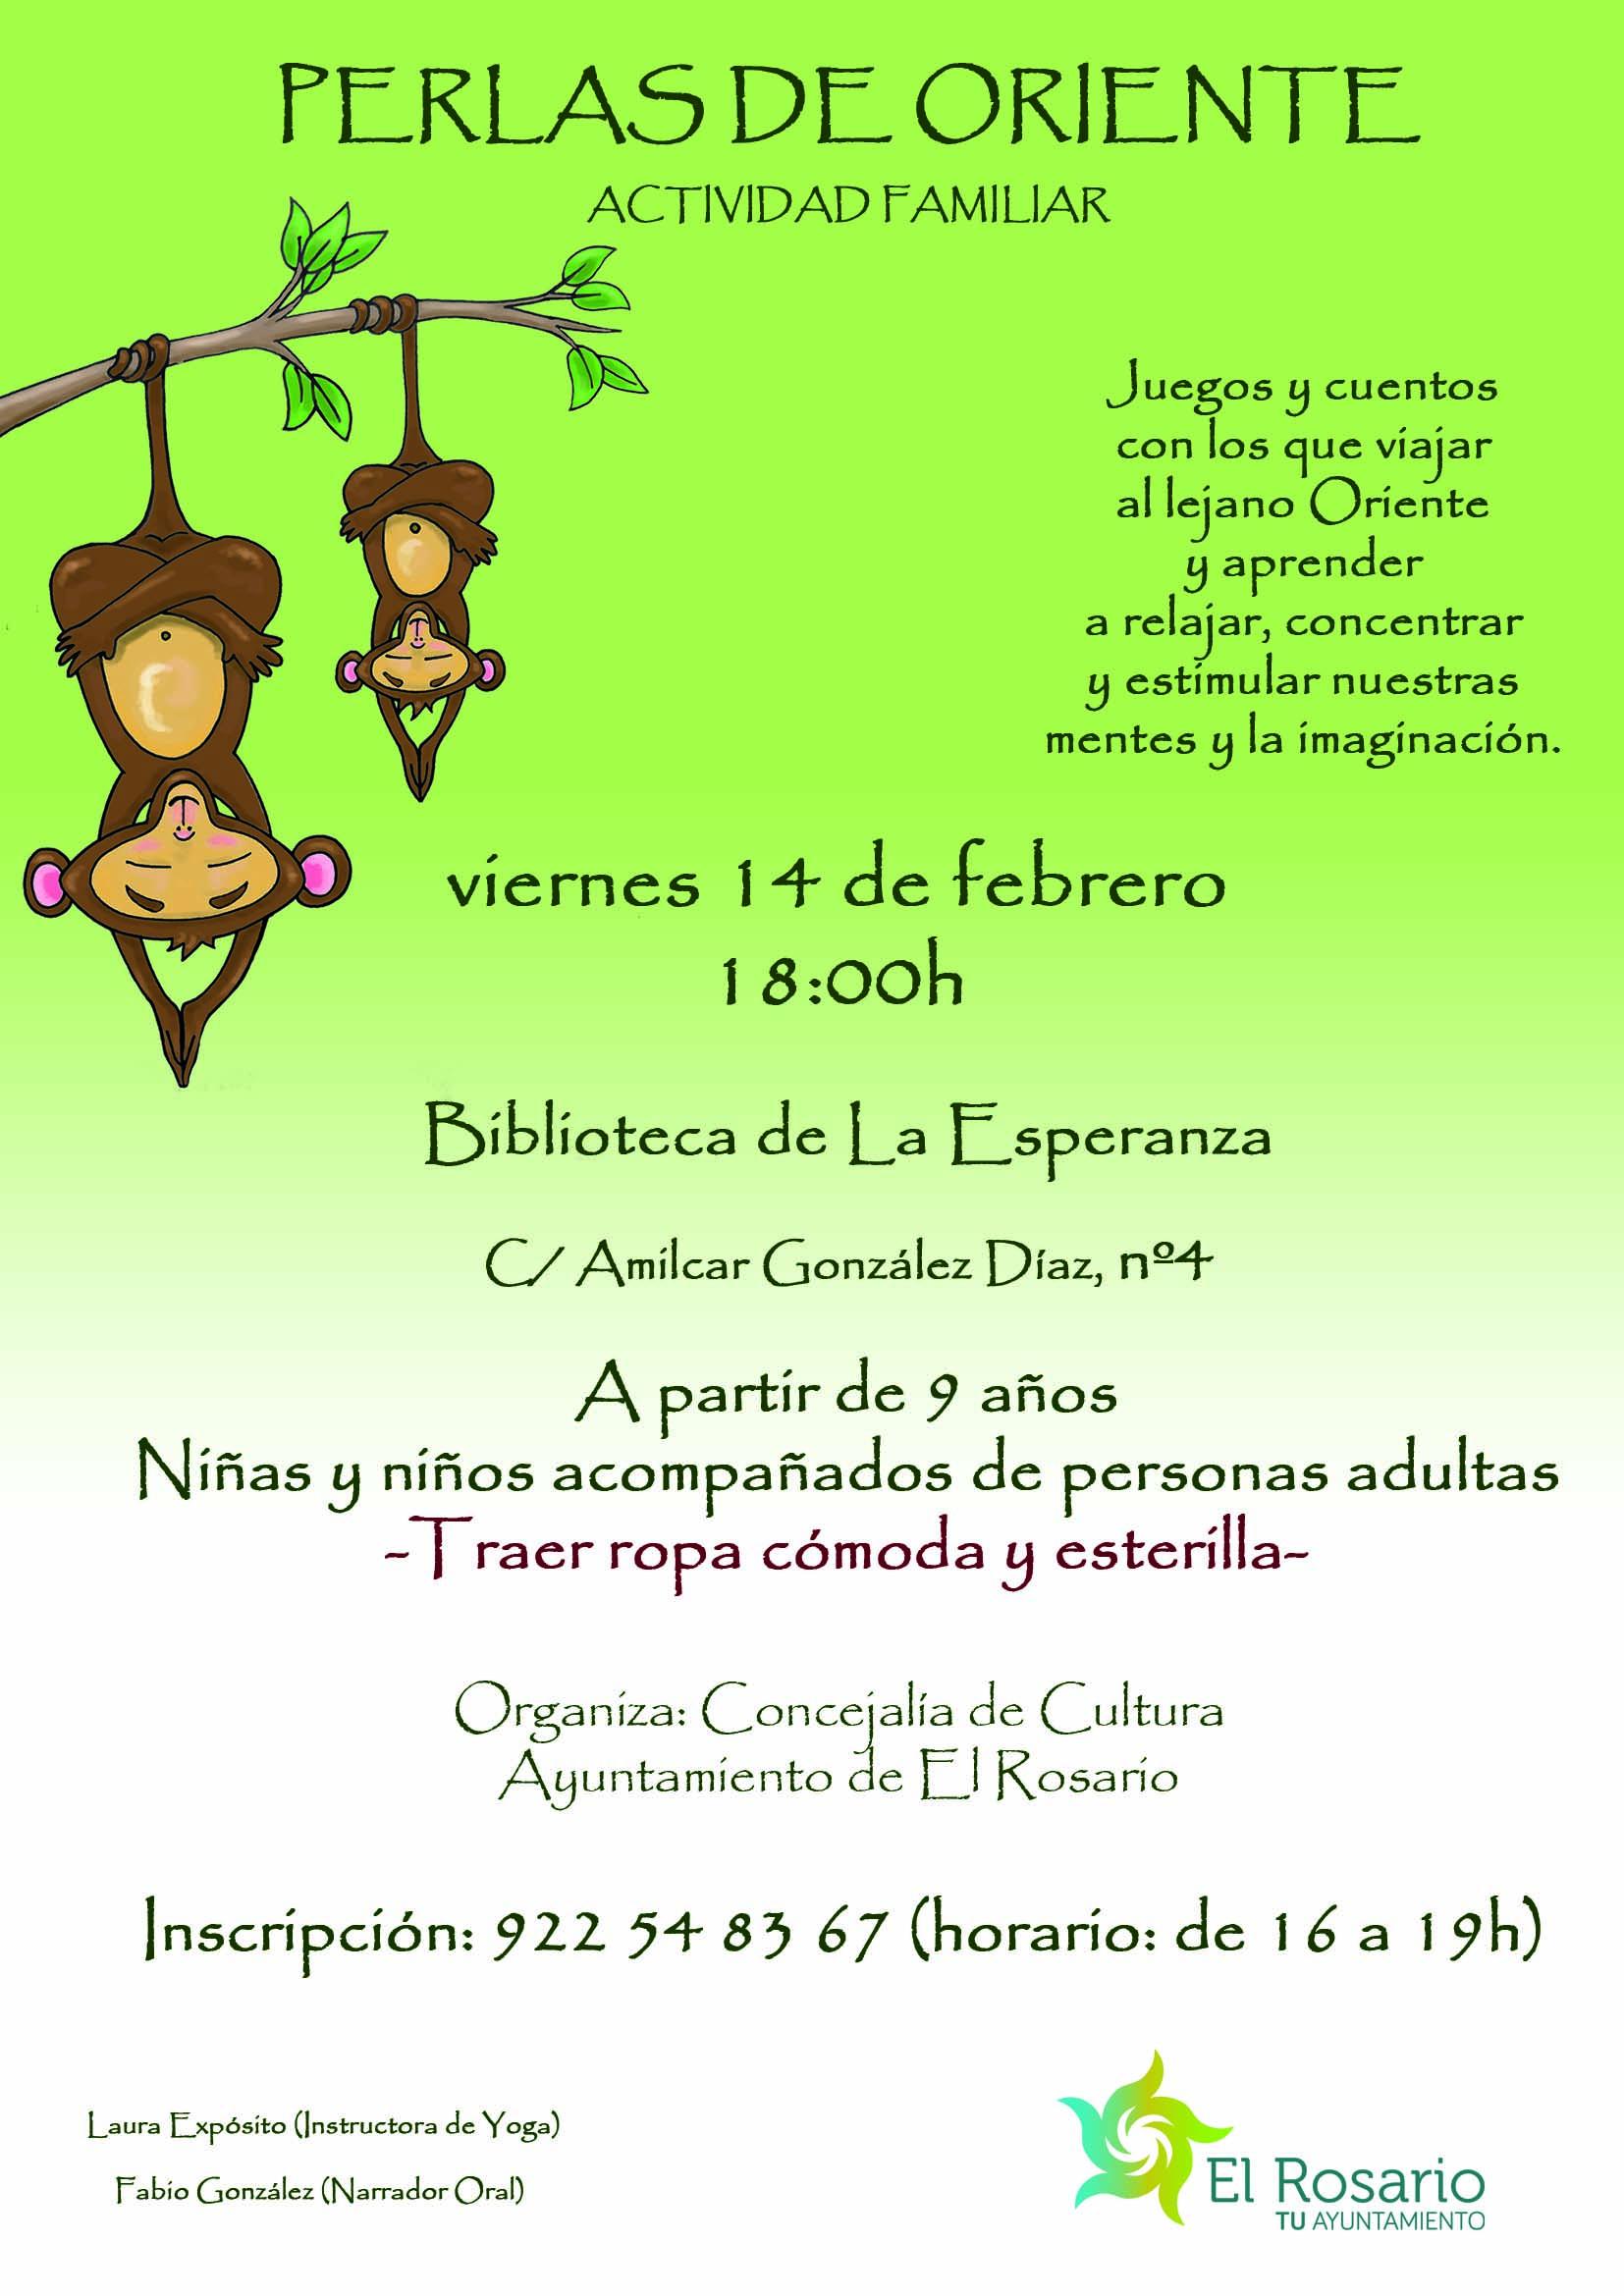 Perlas de Oriente - El Rosario v14 feb